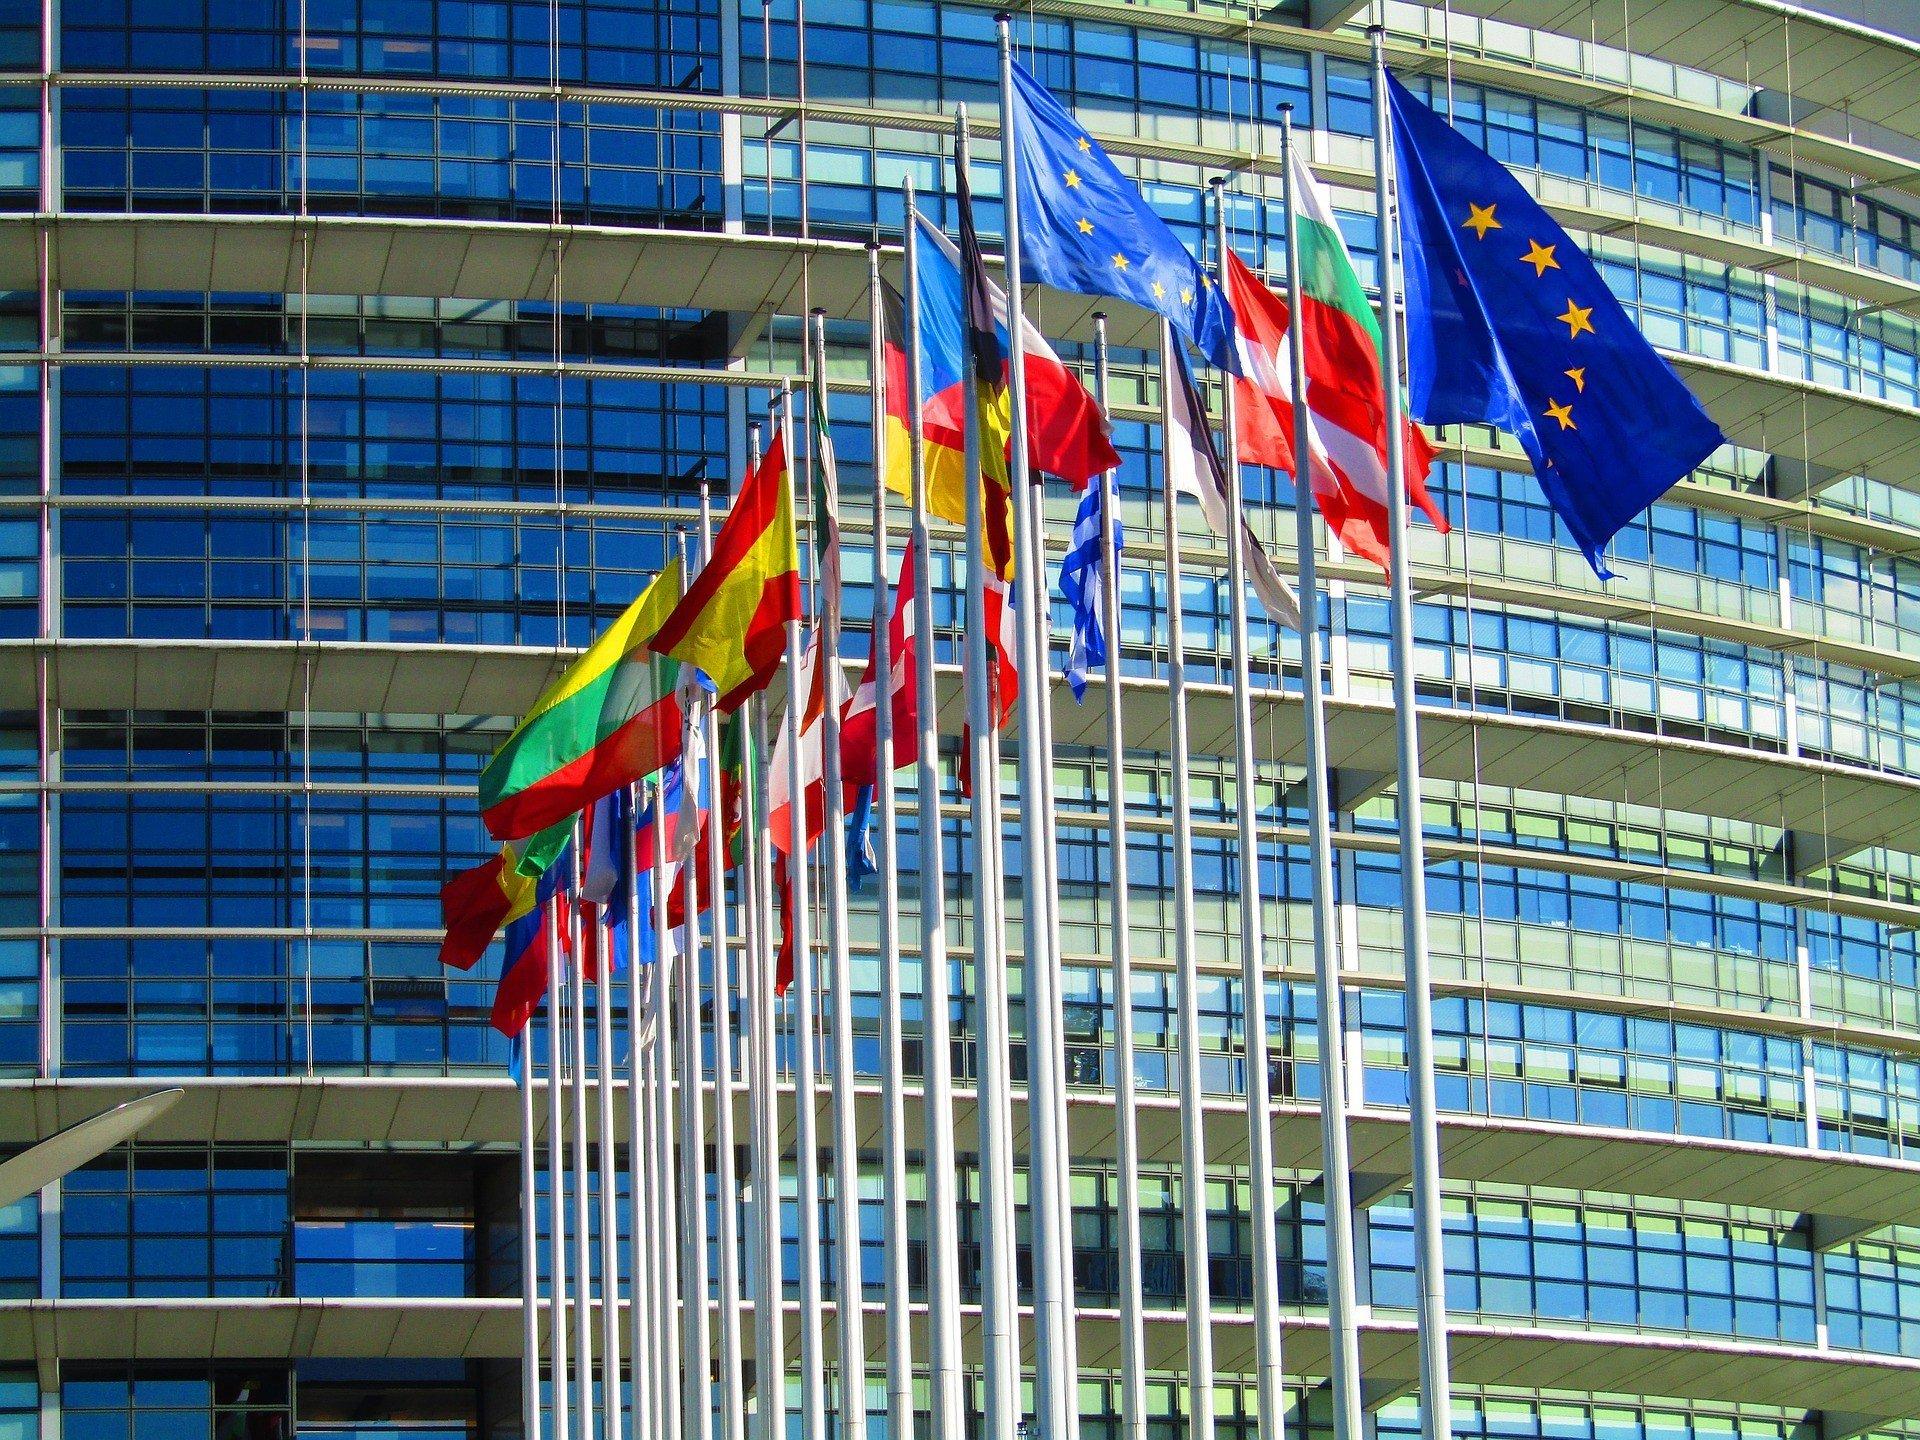 Шмыгаль рассказал о торговле Украины с ЕС